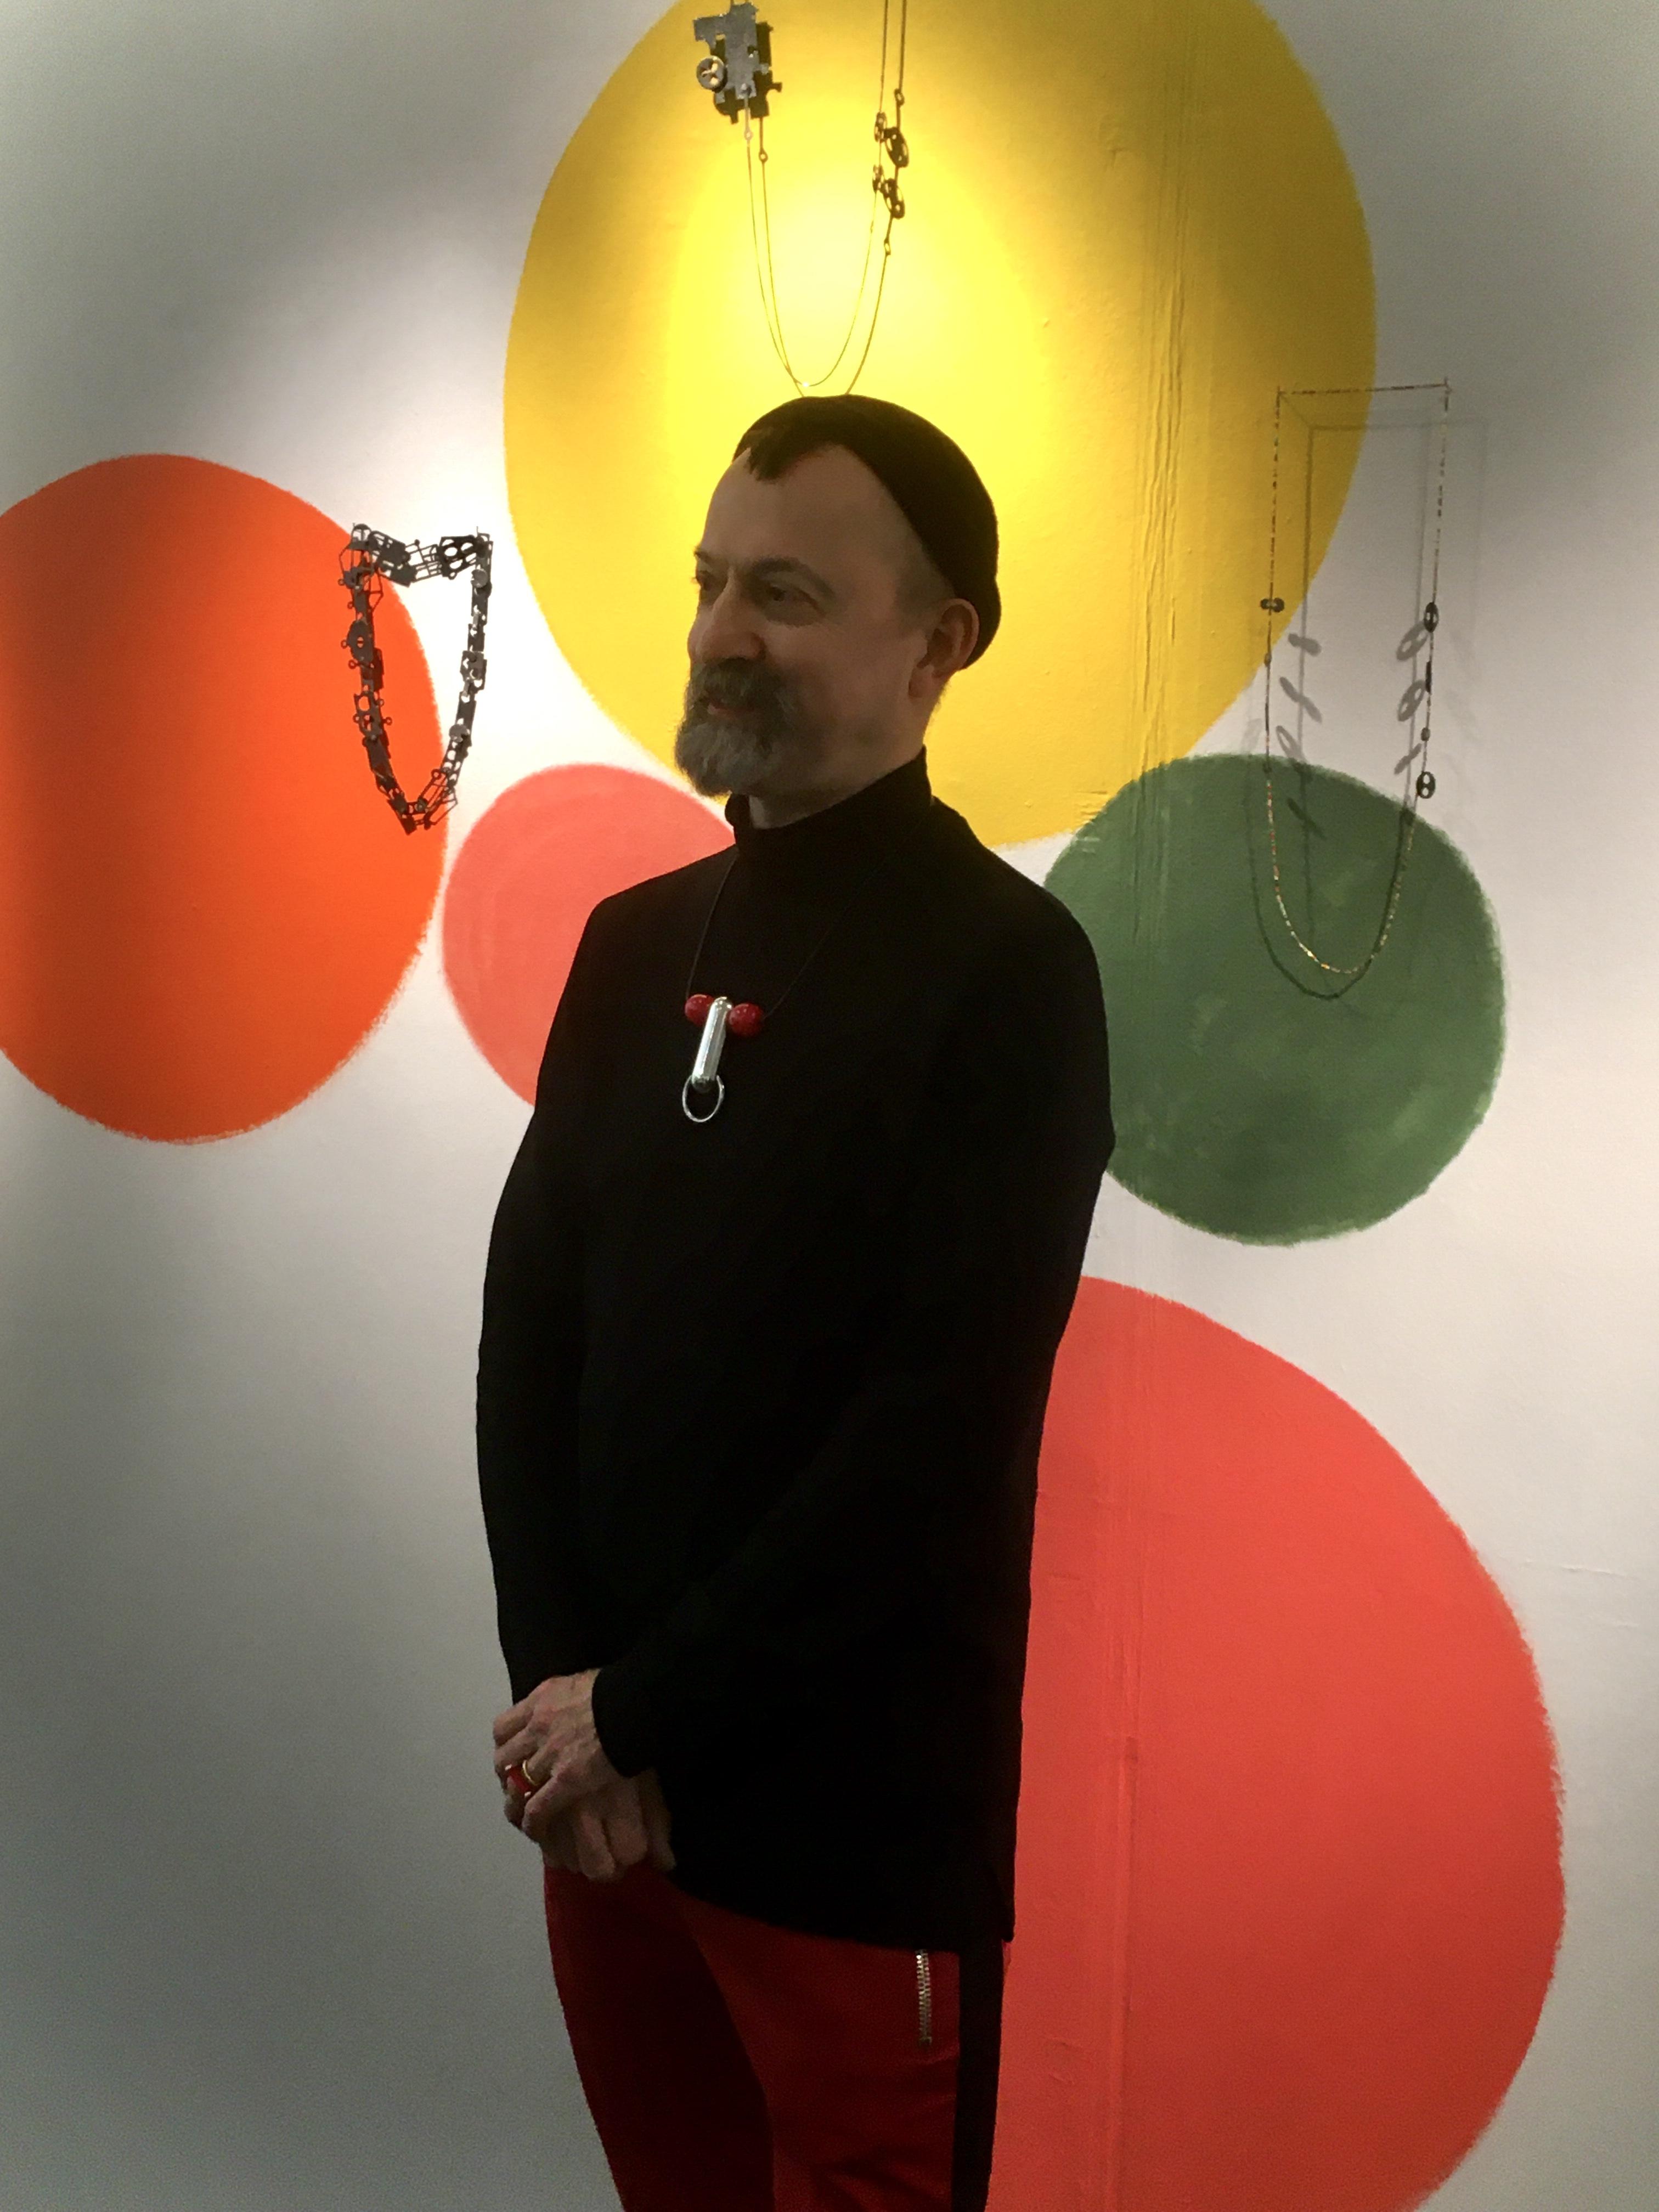 Paul Derrez in Galerie Ra, 21 december 2019, foto Birgit Laken, portret, halssieraden, Réka Fekete, metaal, kunststof